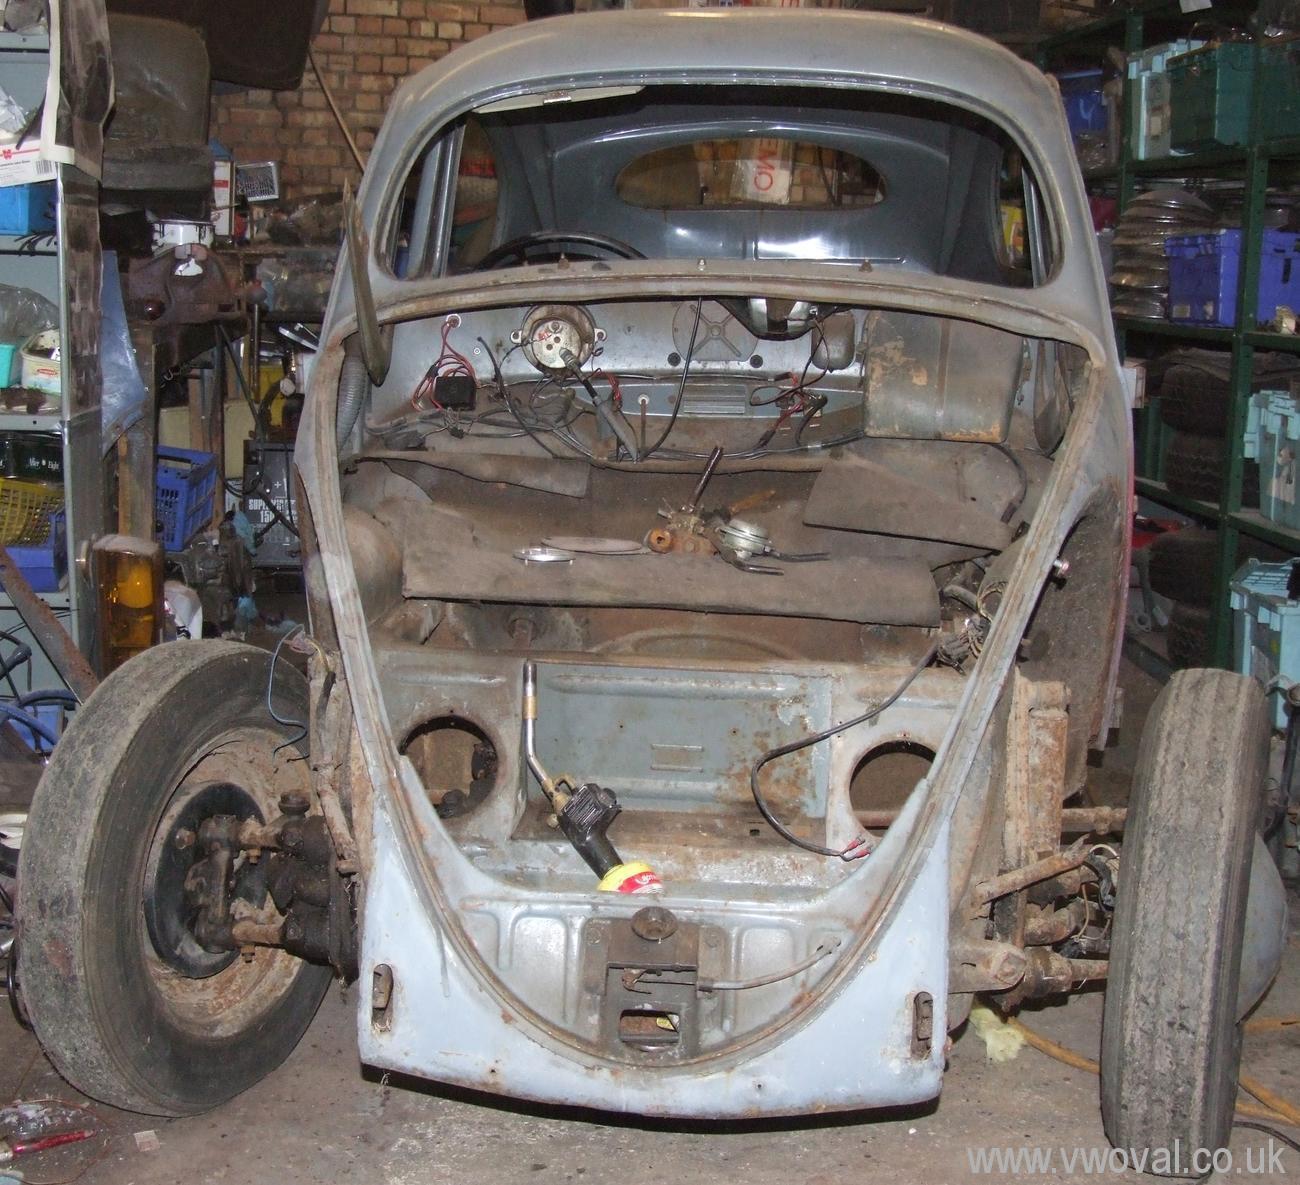 Vw Beetle Body Parts Uk: 1953 Standard Model Oval VW Beetle